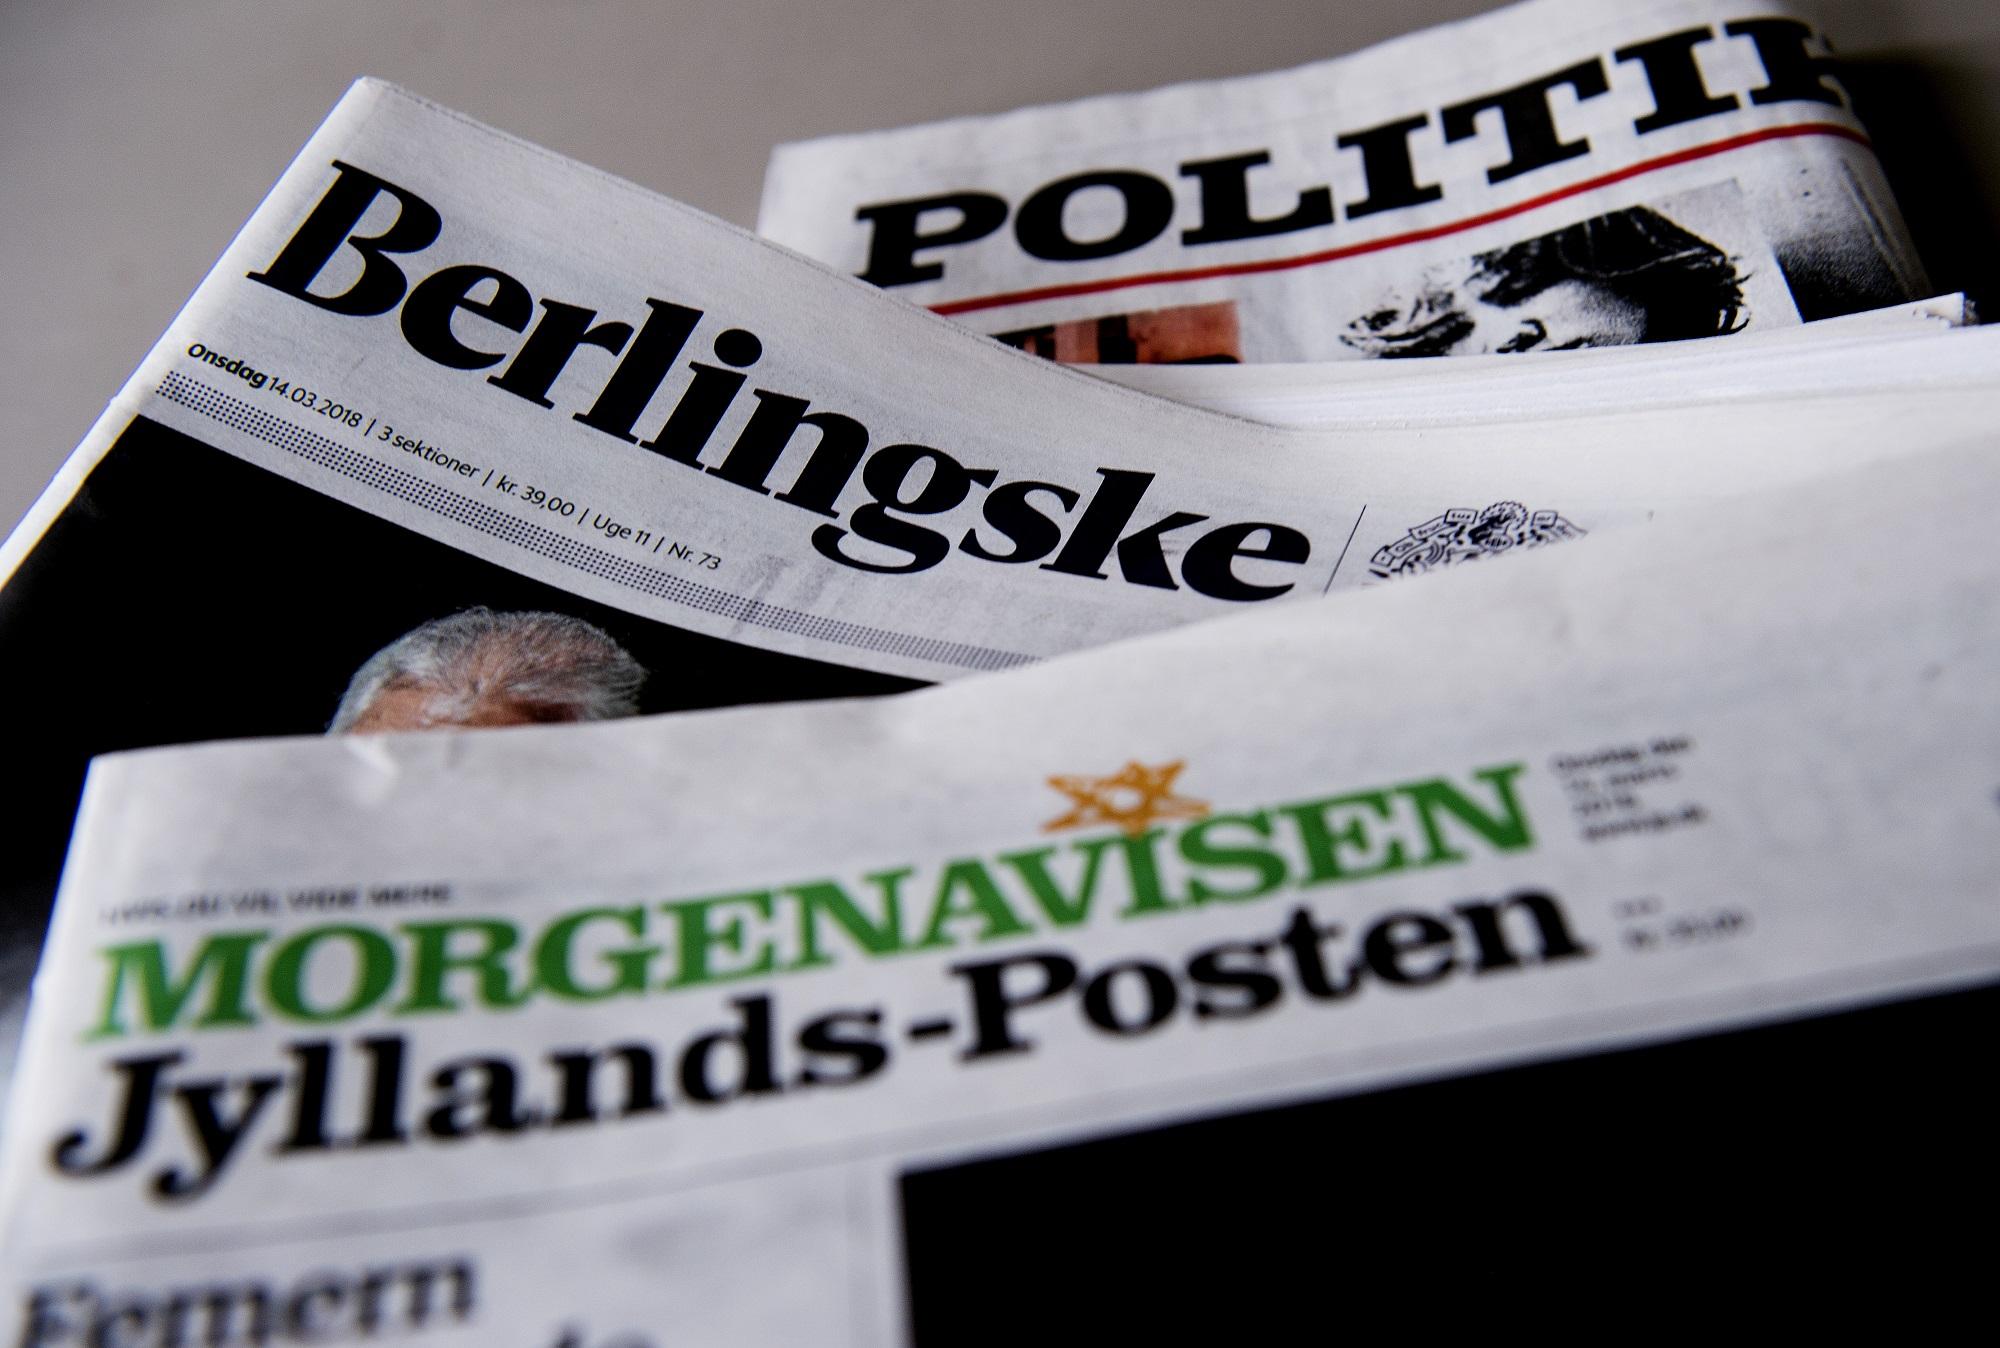 EB, B.T. og JP bringer annonce fra corona-skeptikere – Berlingske og Politiken afviser